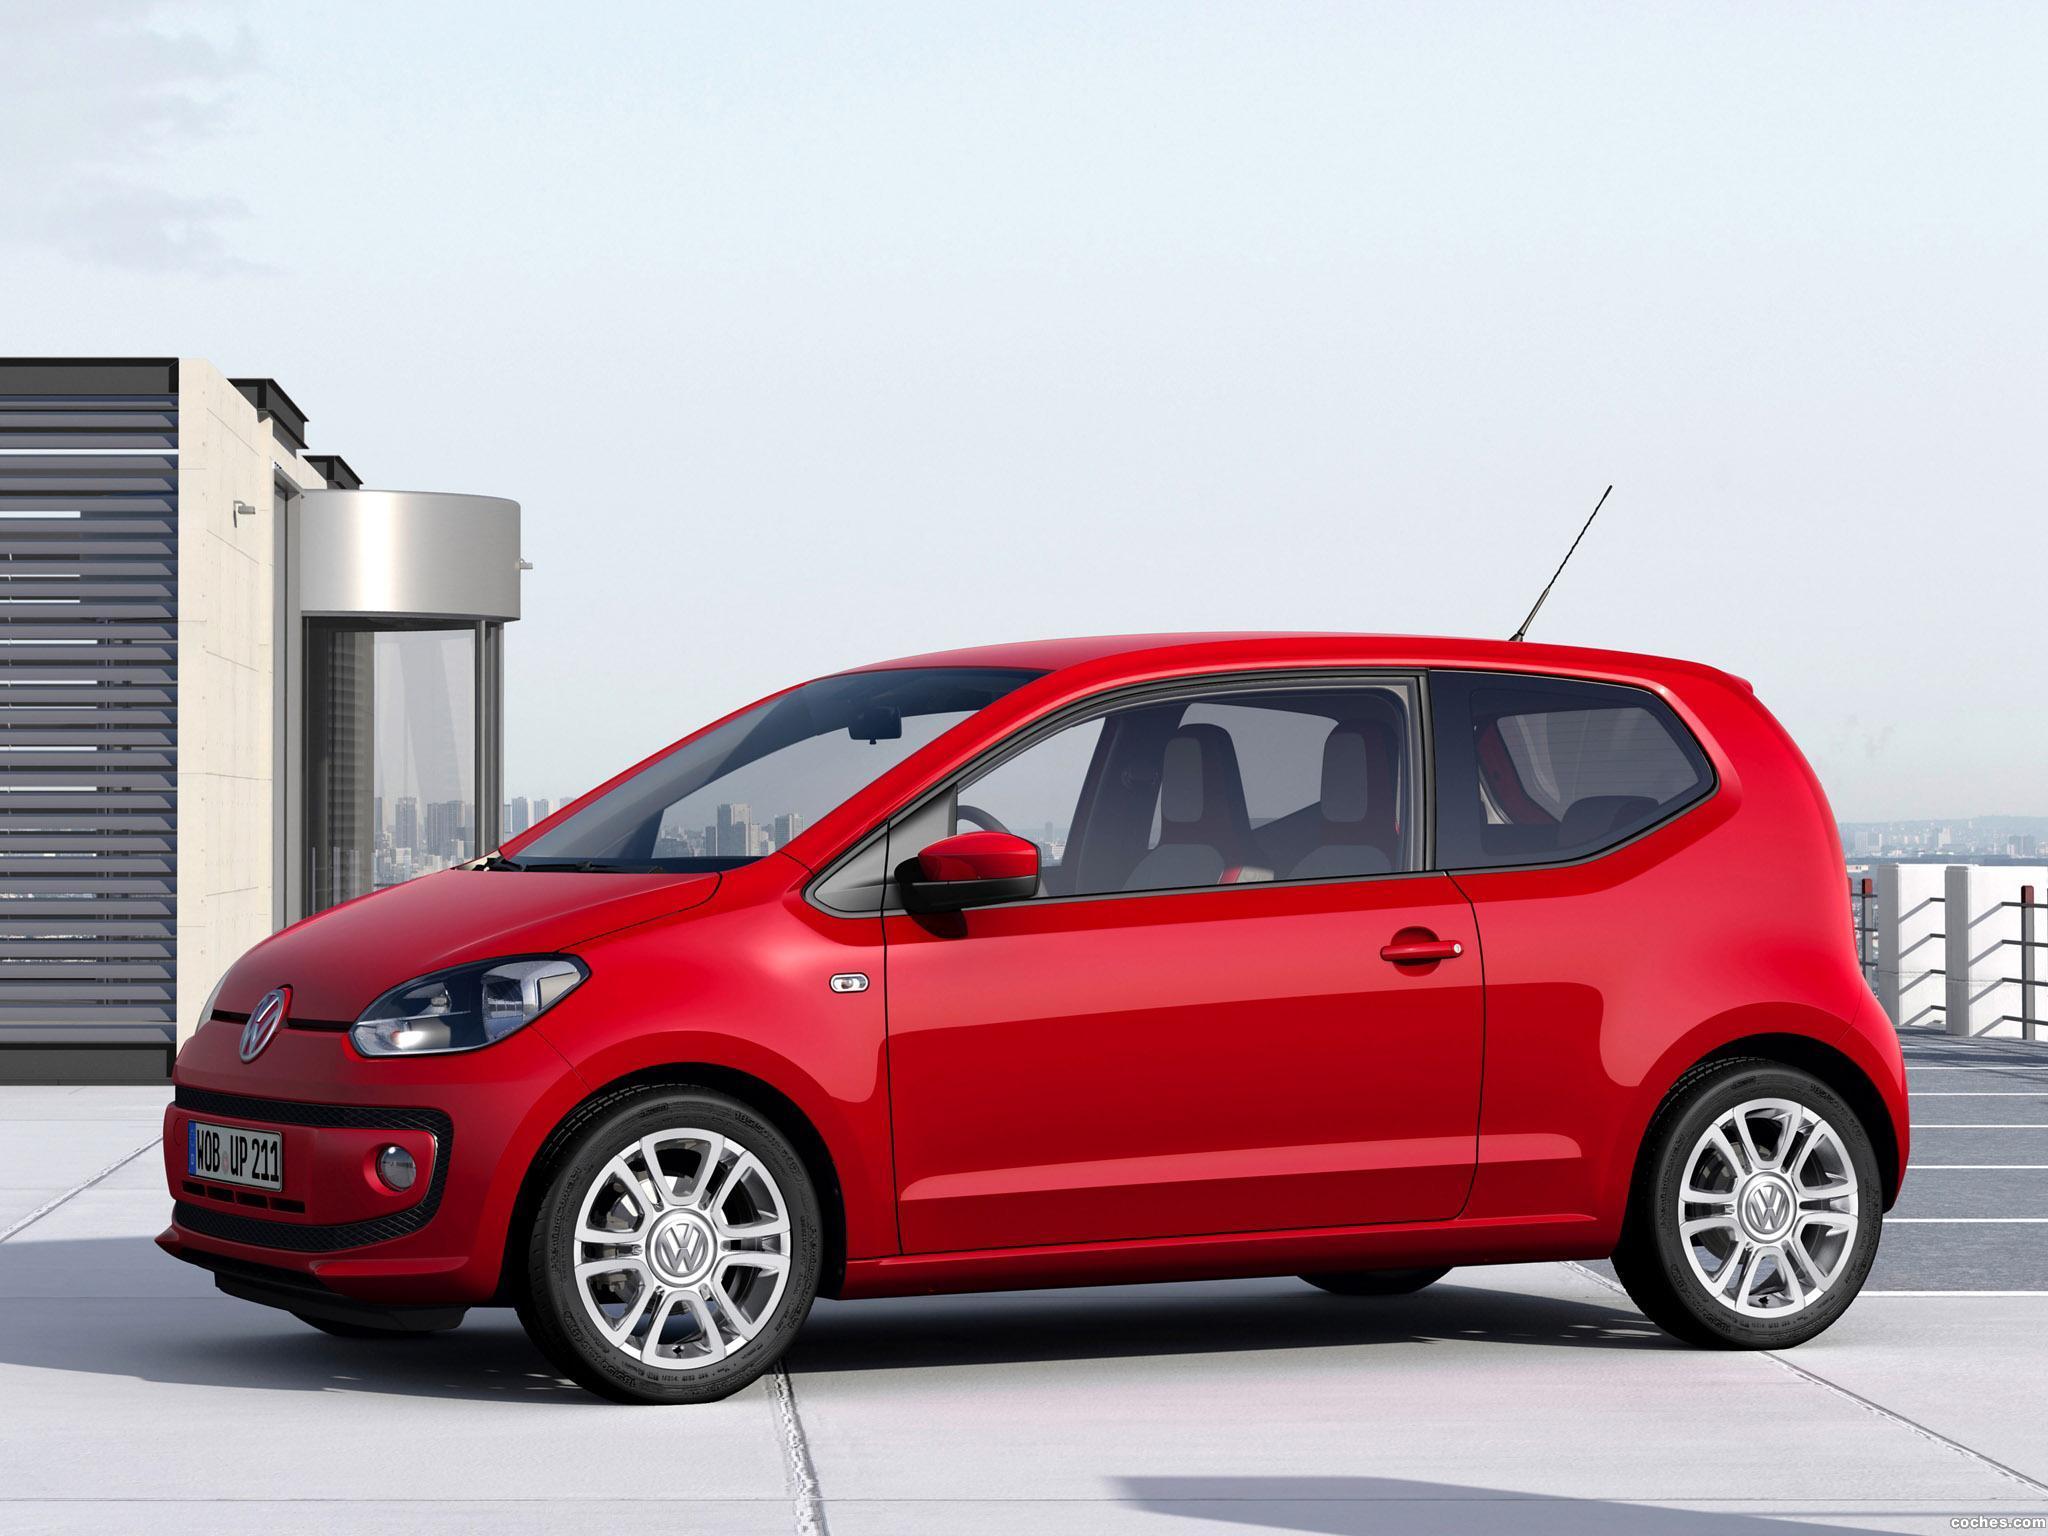 Foto 0 de Volkswagen Up! 3 puertas 2011